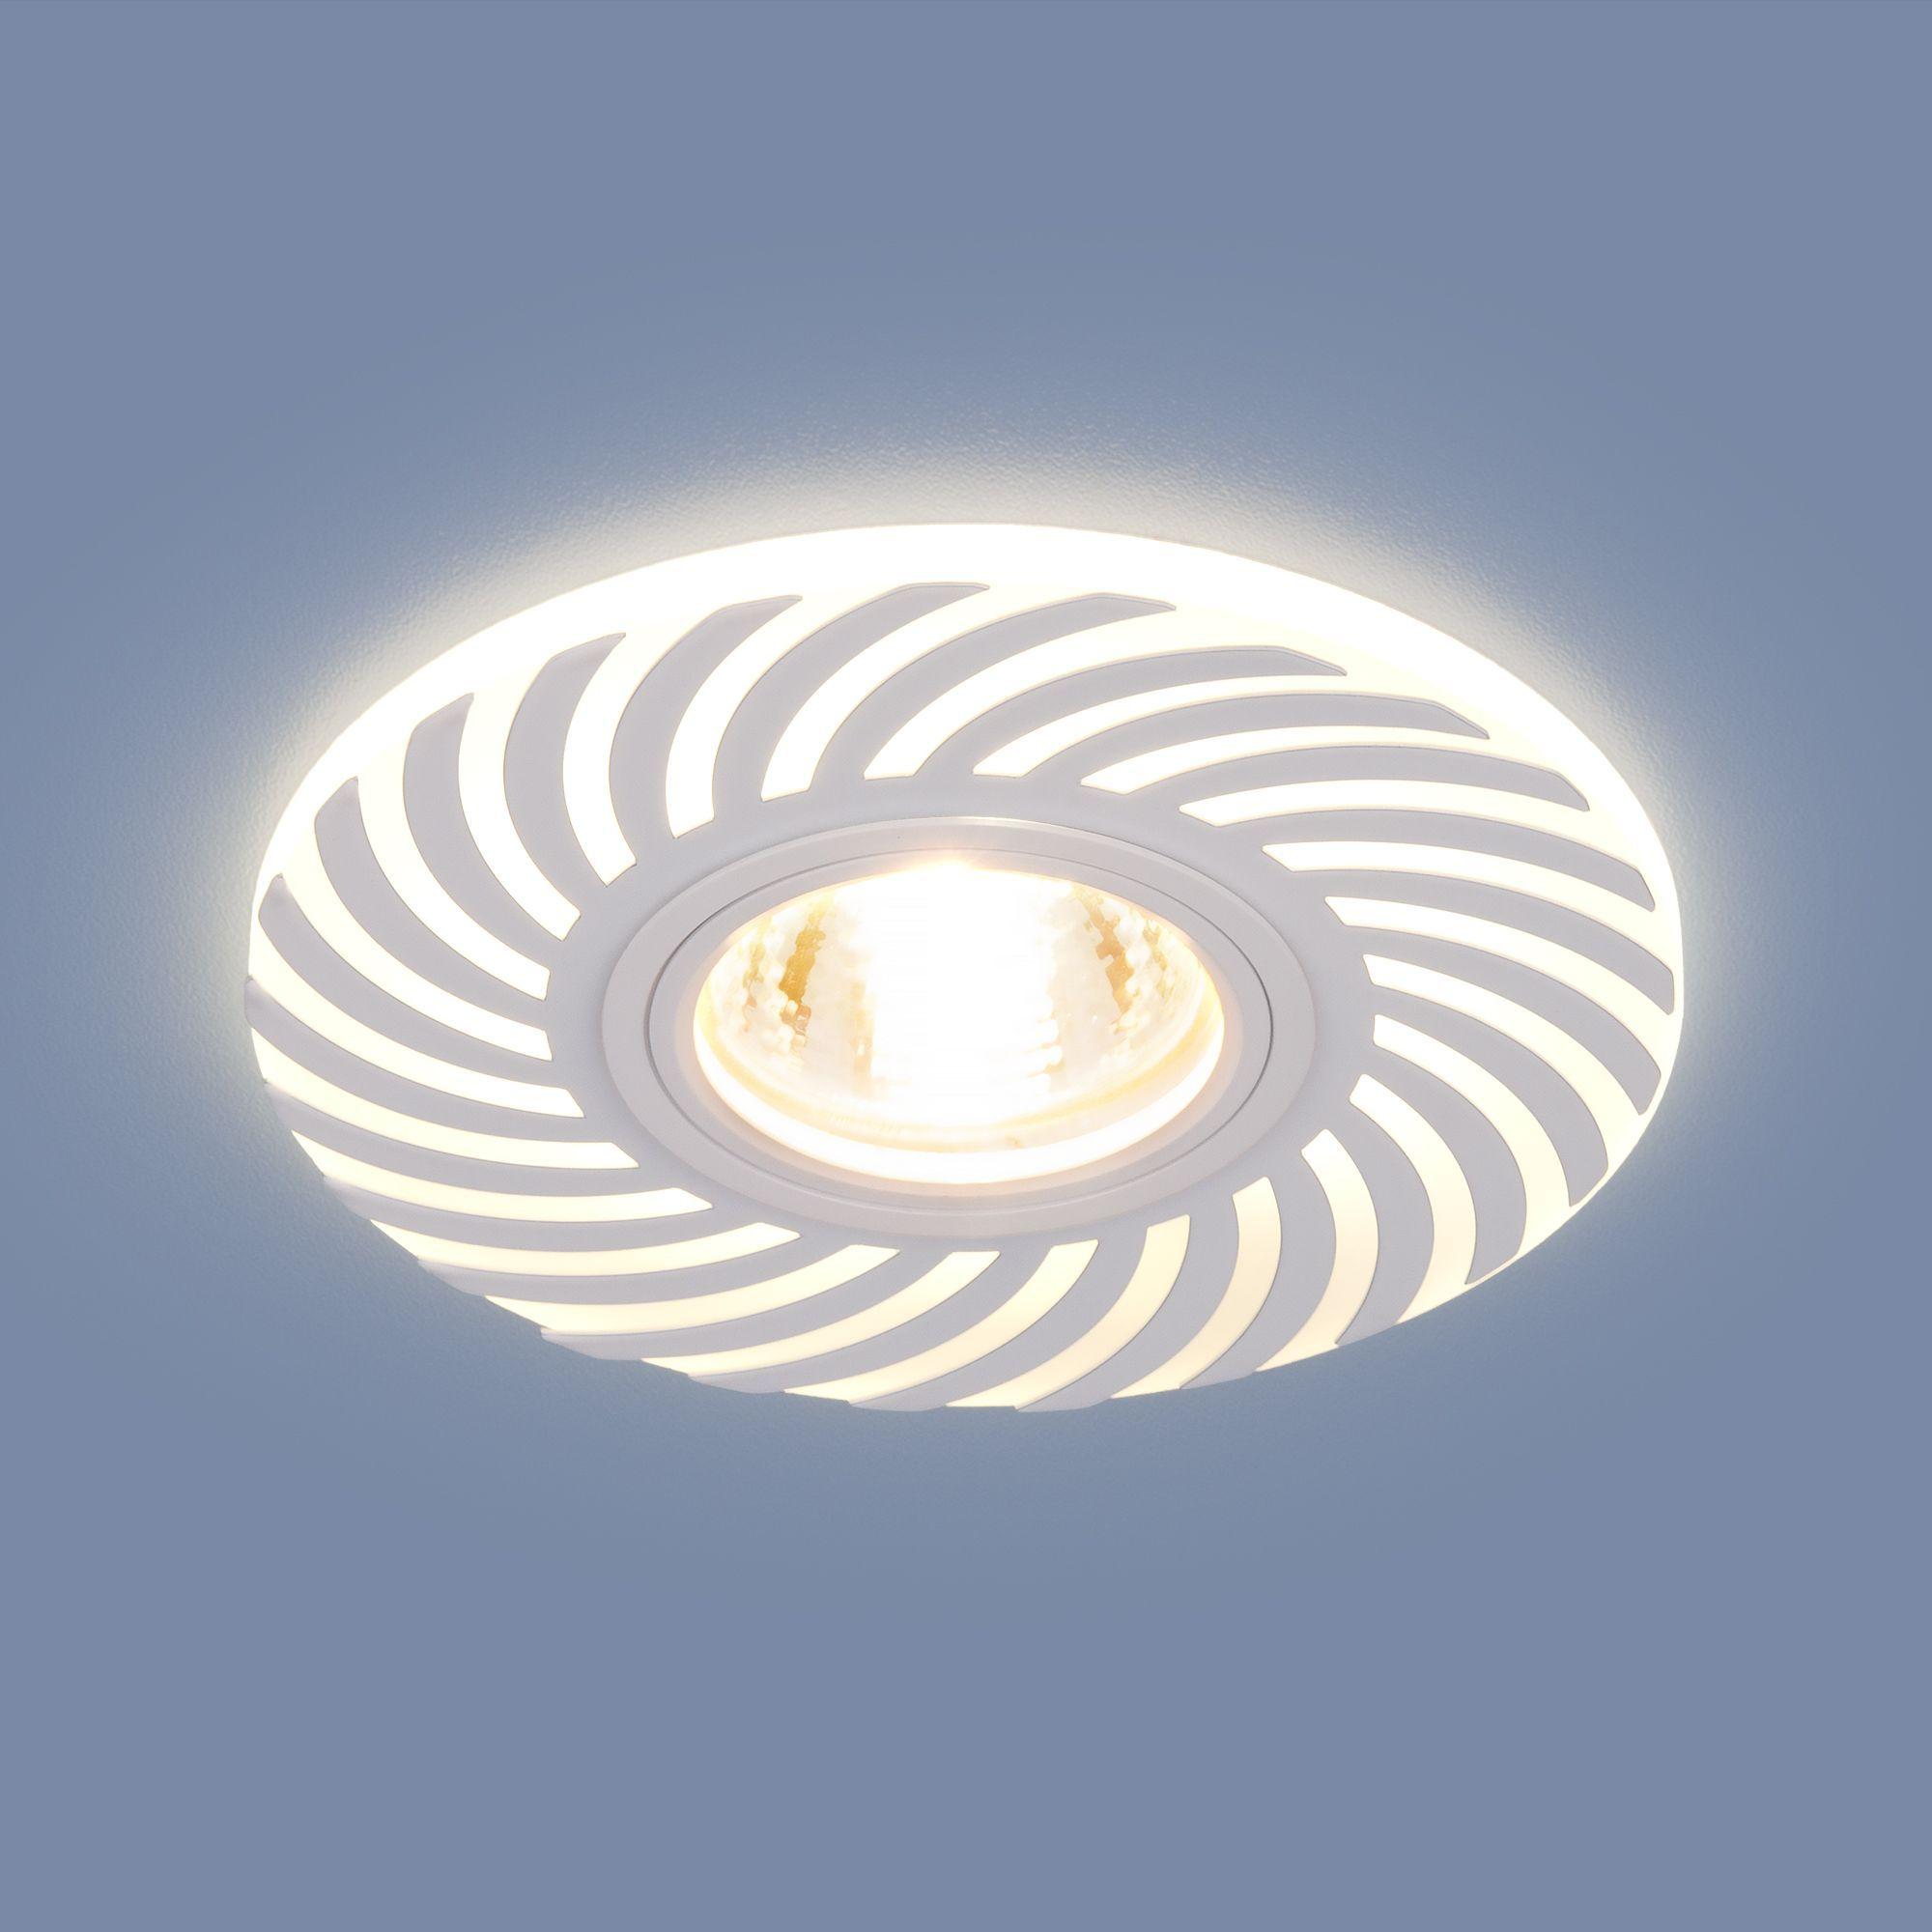 Встраиваемый точечный светильник с LED подсветкой 2215 MR16